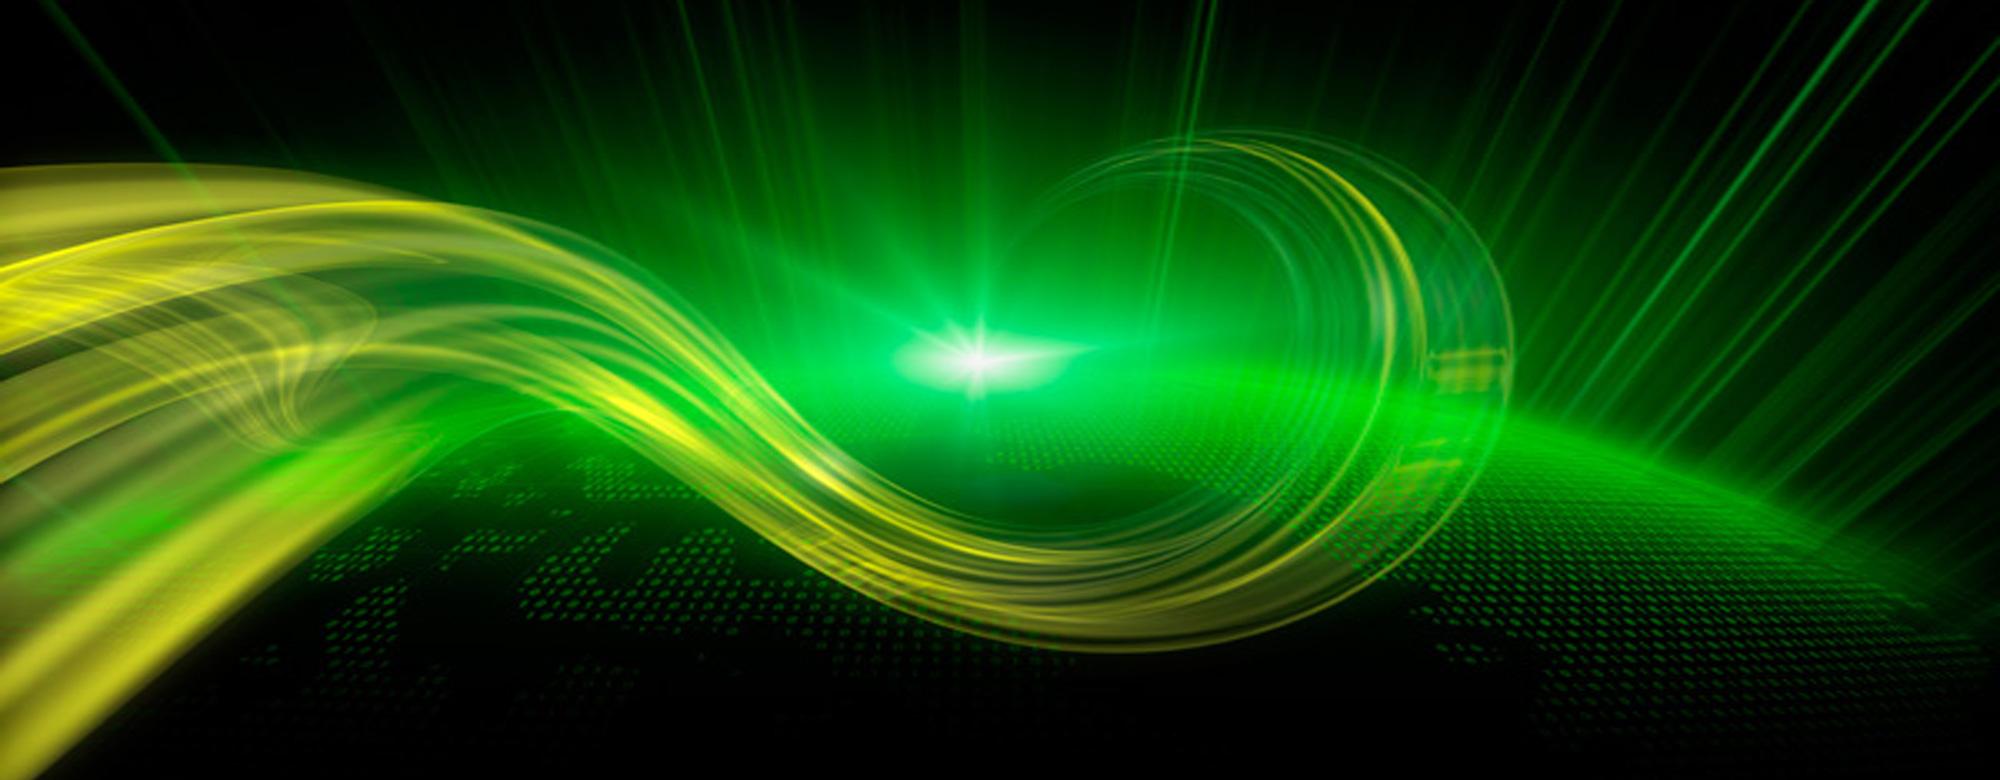 Titoli di efficienza energetica, aumentano le sessioni mensili